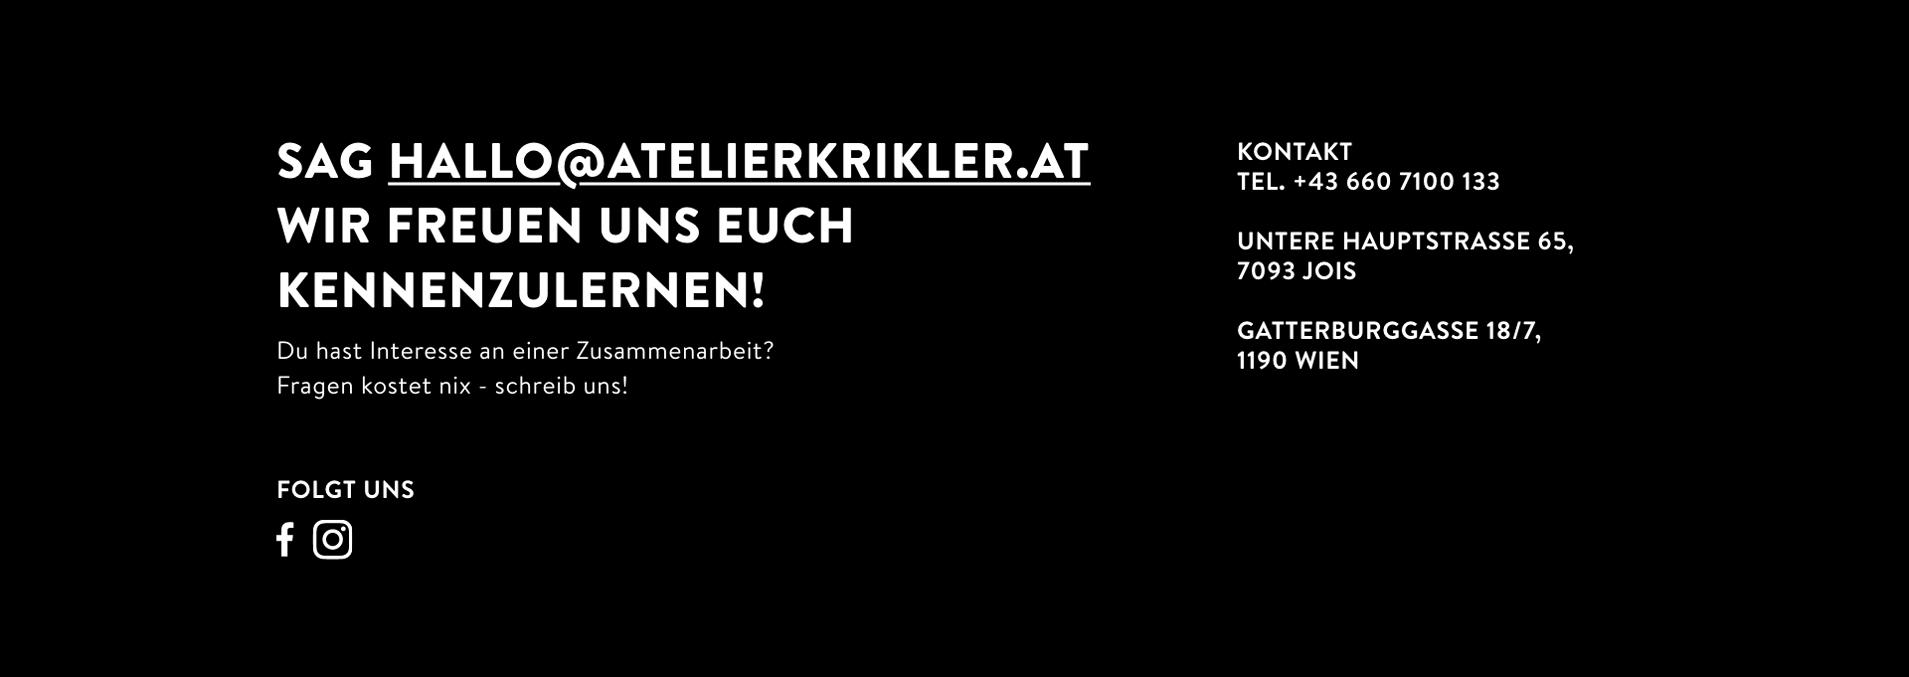 Abbildung von Kontaktinformationen des Atelier Krikler - Branding & Design aus Wien & Jois am Neusiedlersee